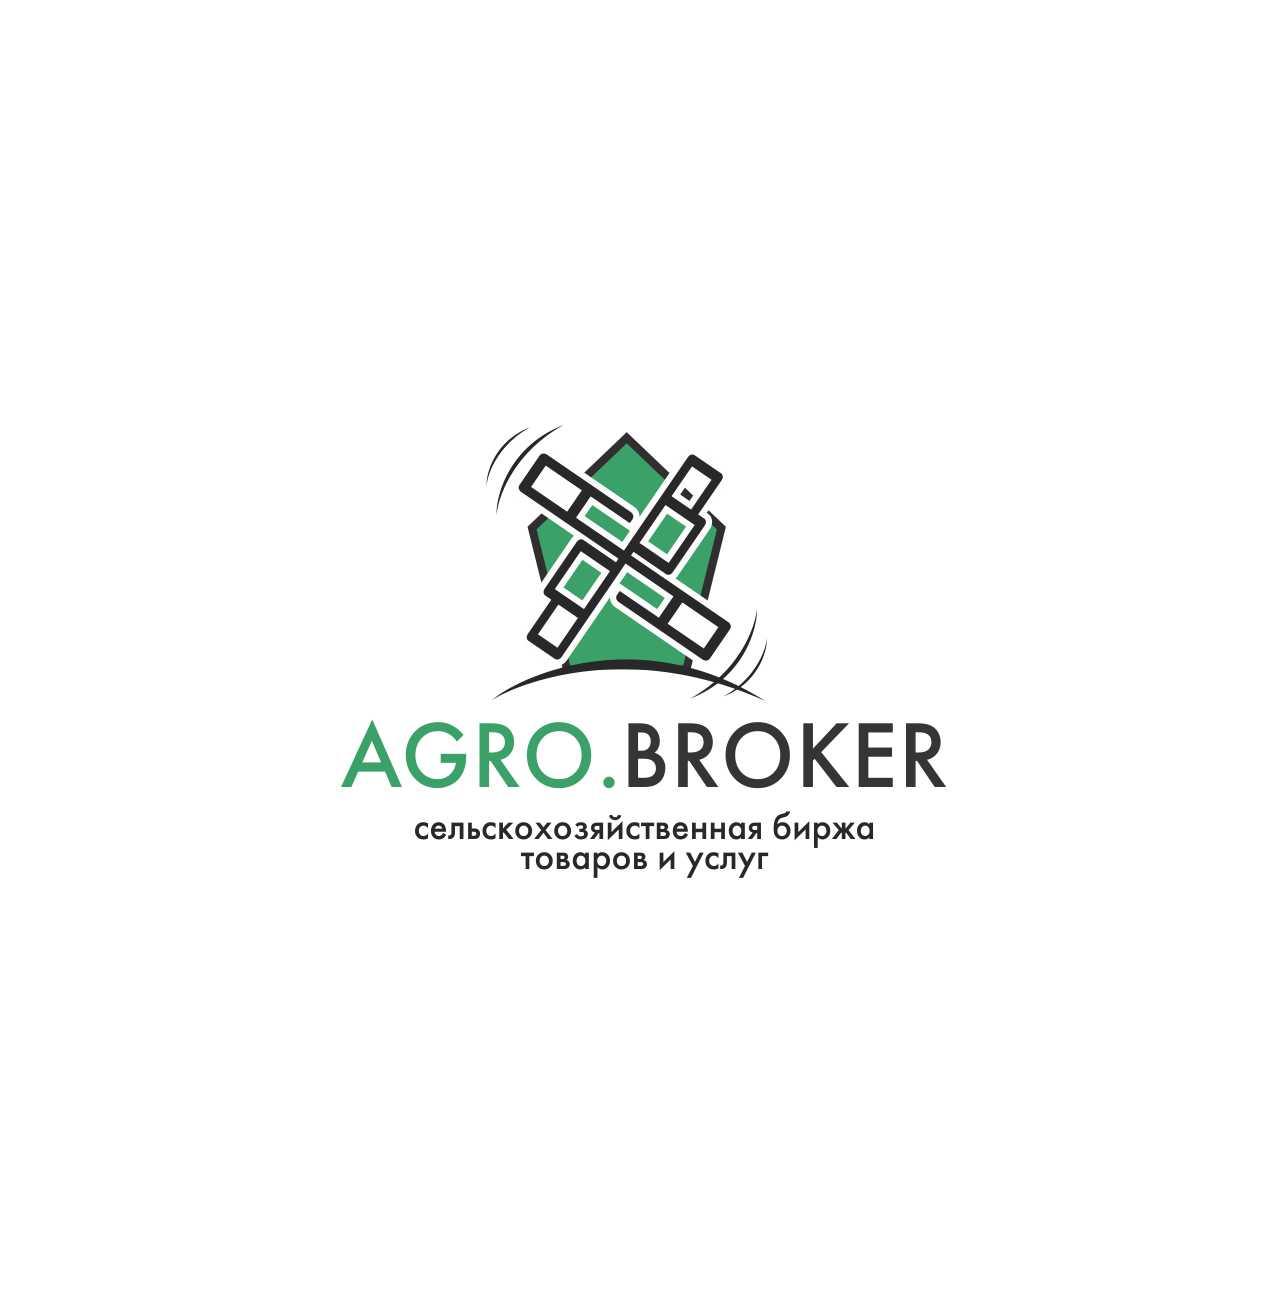 ТЗ на разработку пакета айдентики Agro.Broker фото f_80559686809ca97a.jpg